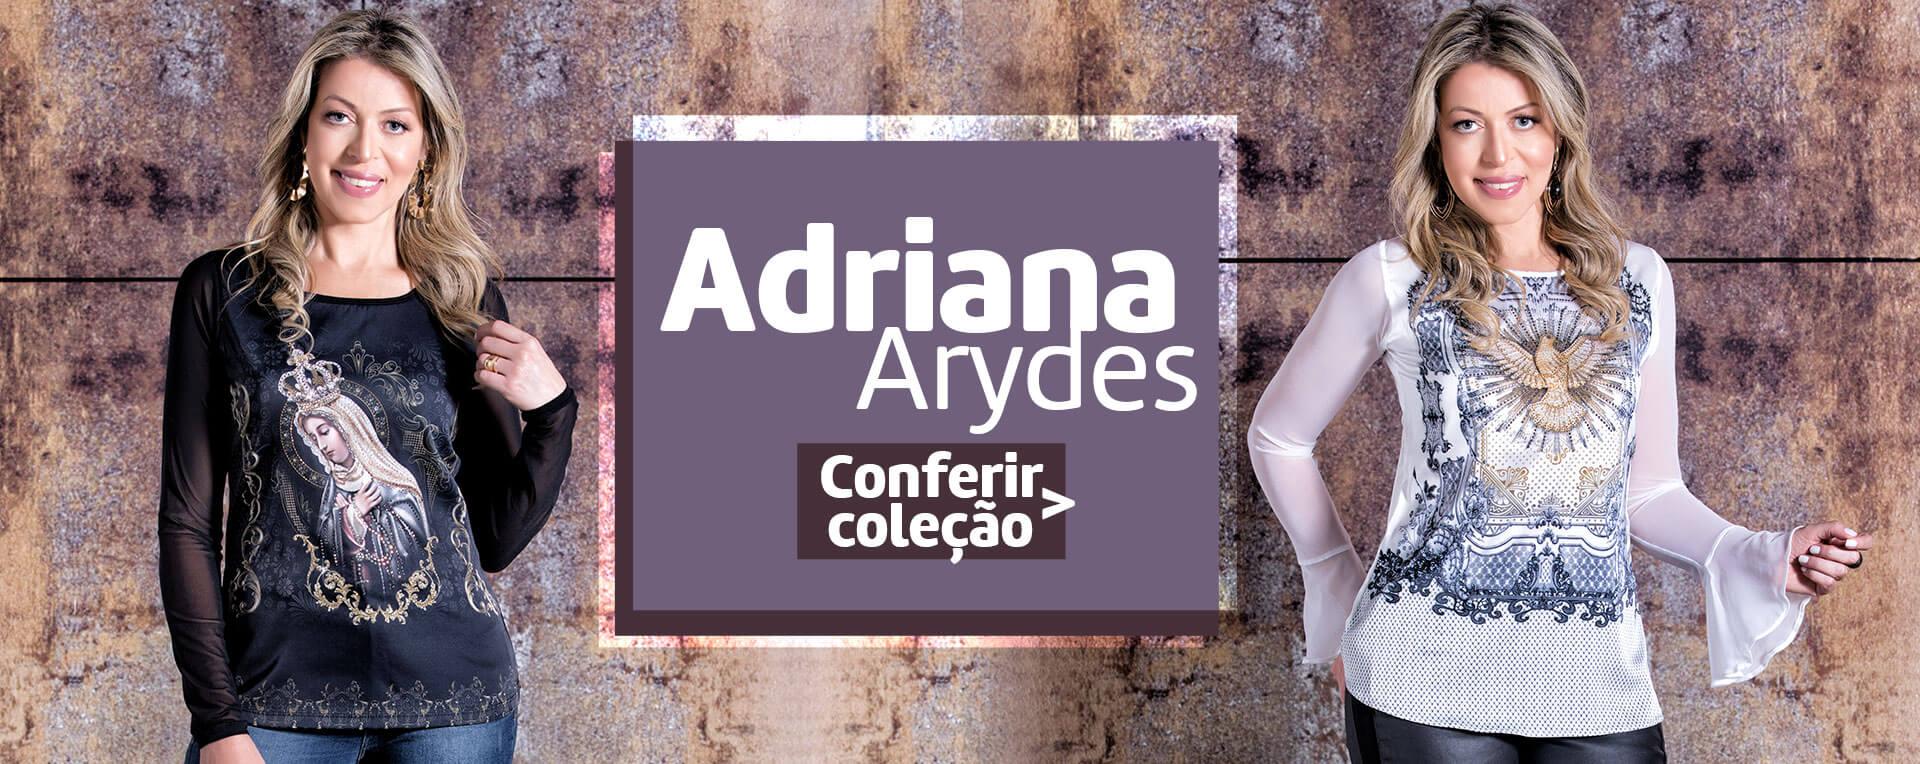 Adriana Arydes Lançamento